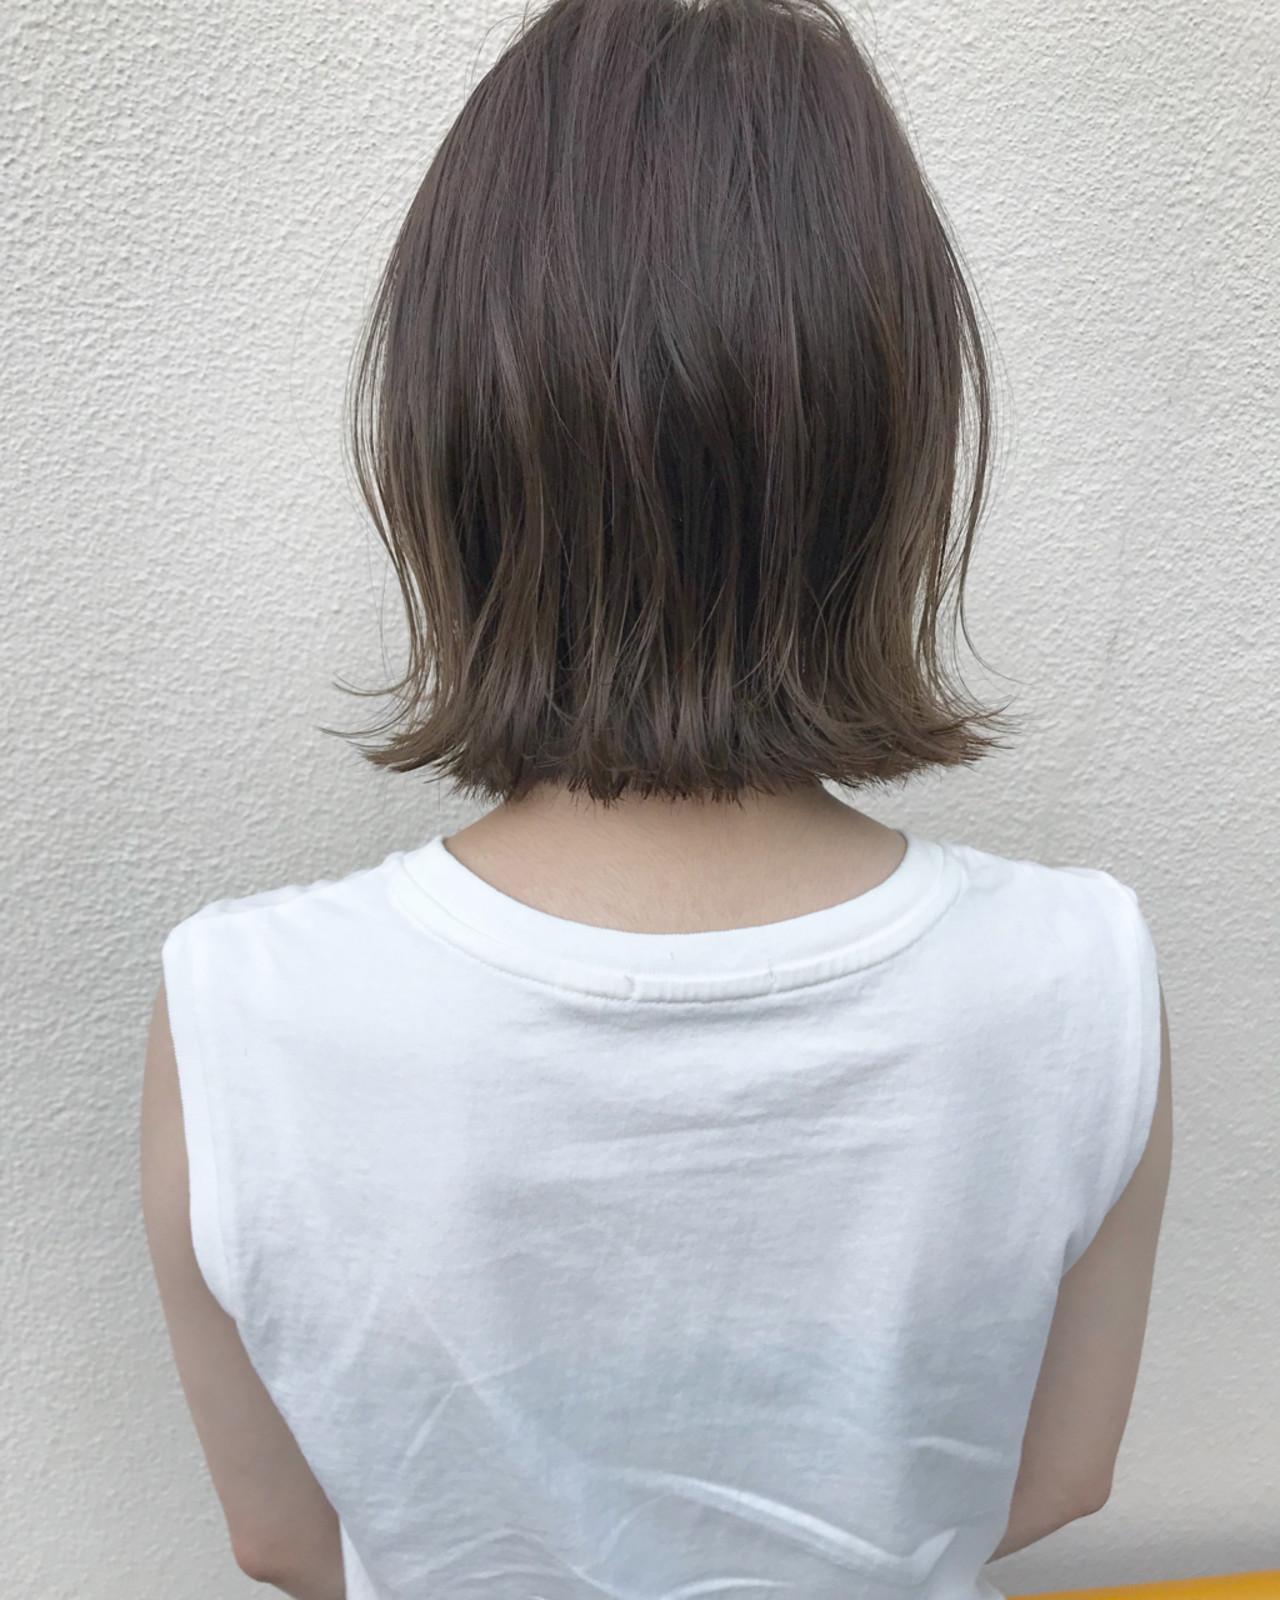 ナチュラル ロブ 外ハネ 切りっぱなし ヘアスタイルや髪型の写真・画像